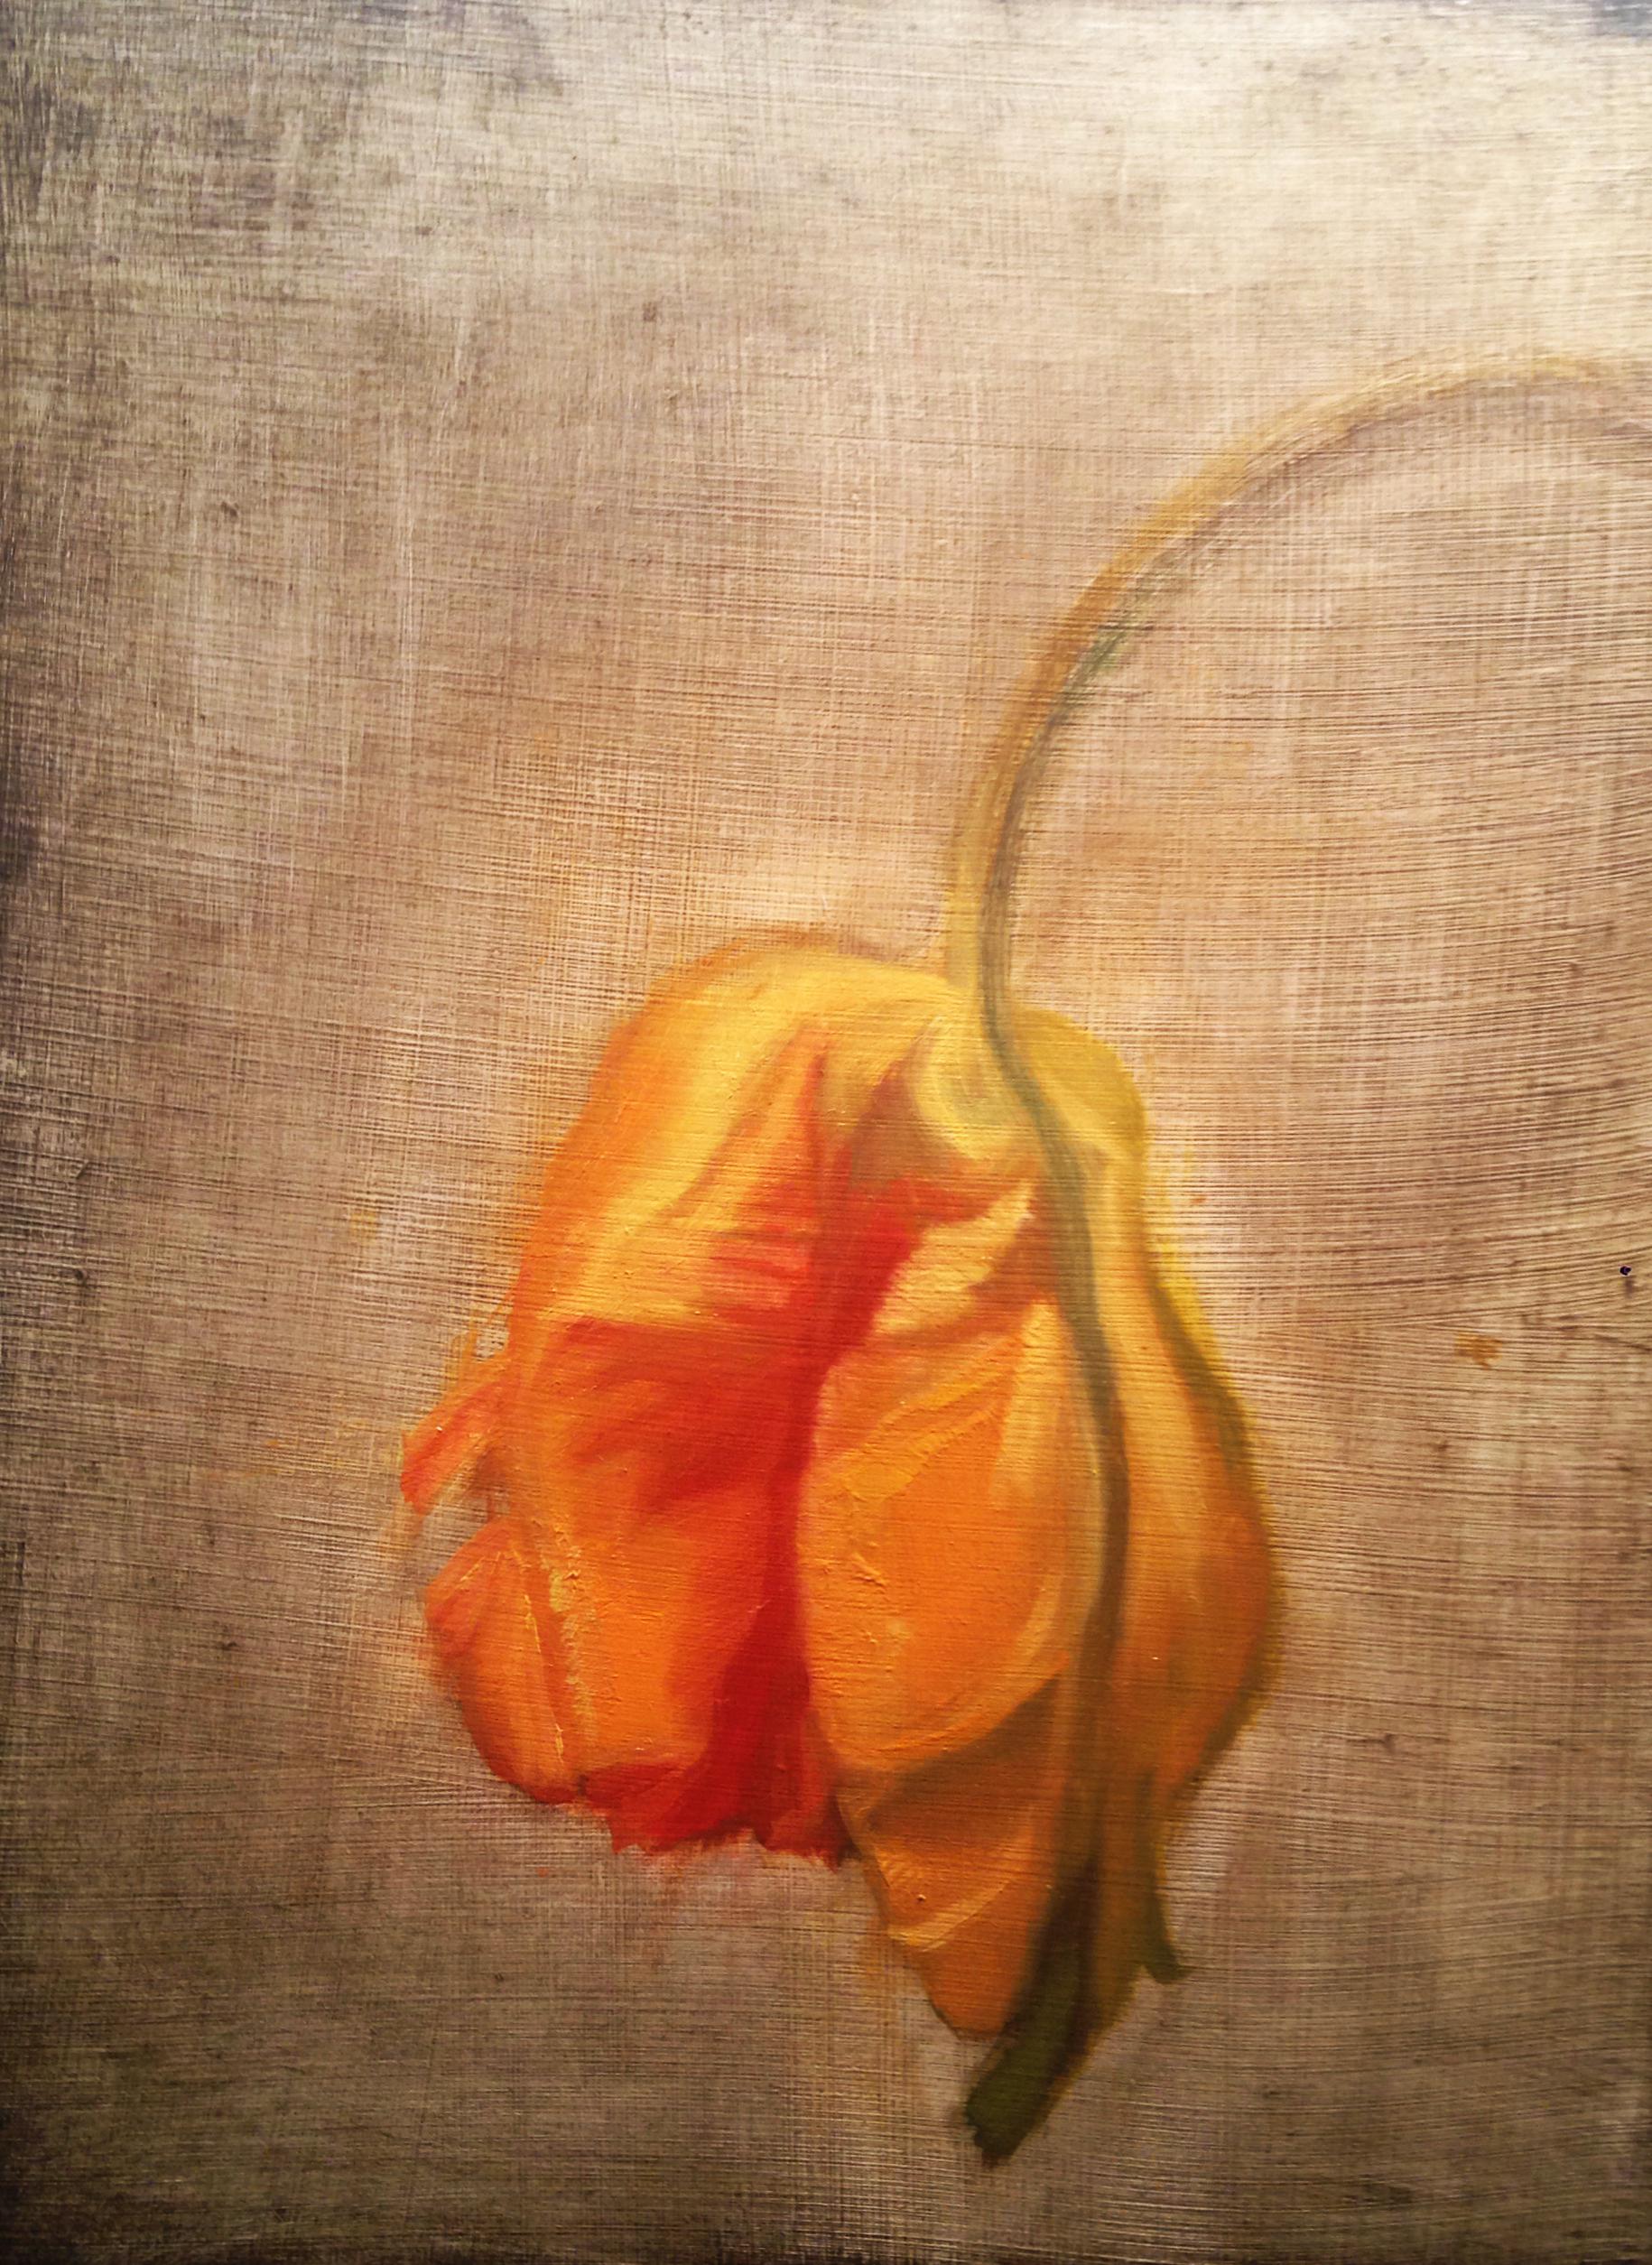 orange parrot tulip.jpg